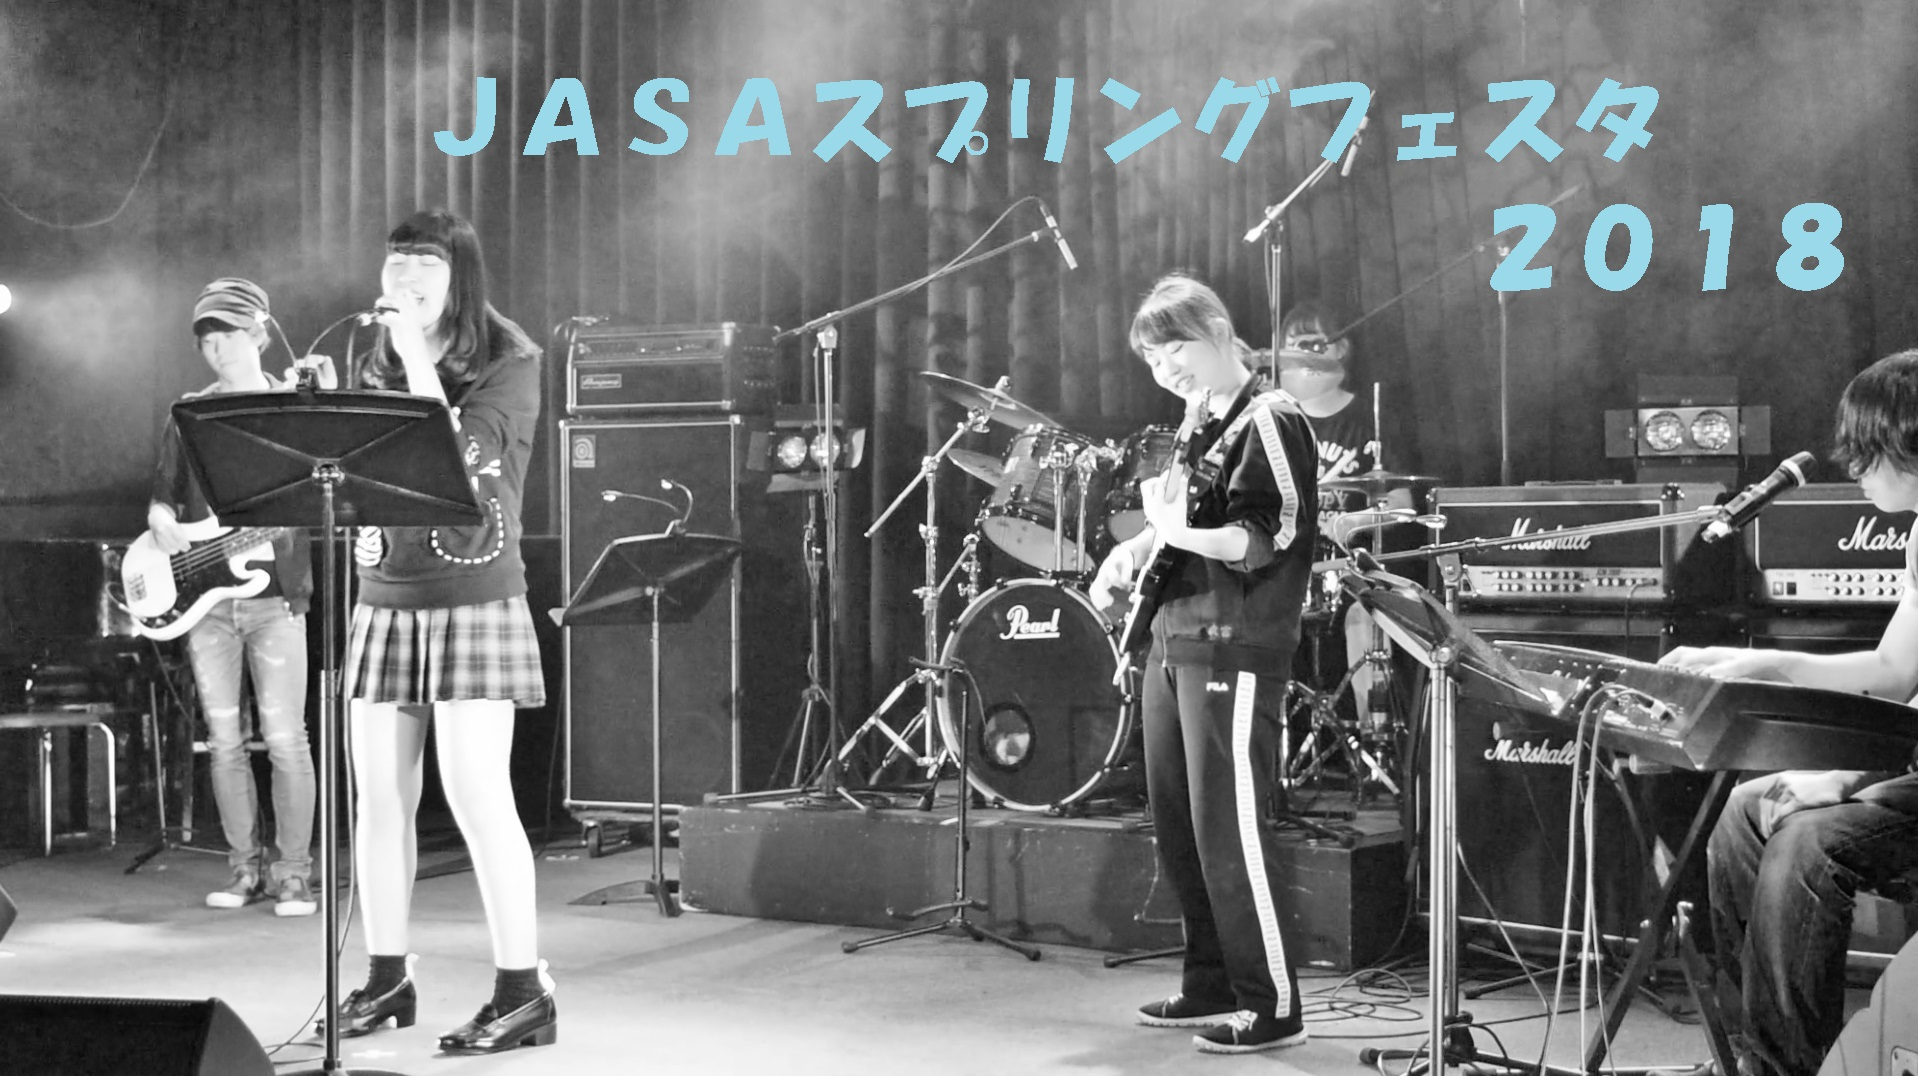 国立音楽院 高等部の学院生がライブ演奏をしている様子。制服やジャージを着た学生達が笑顔で演奏しています。